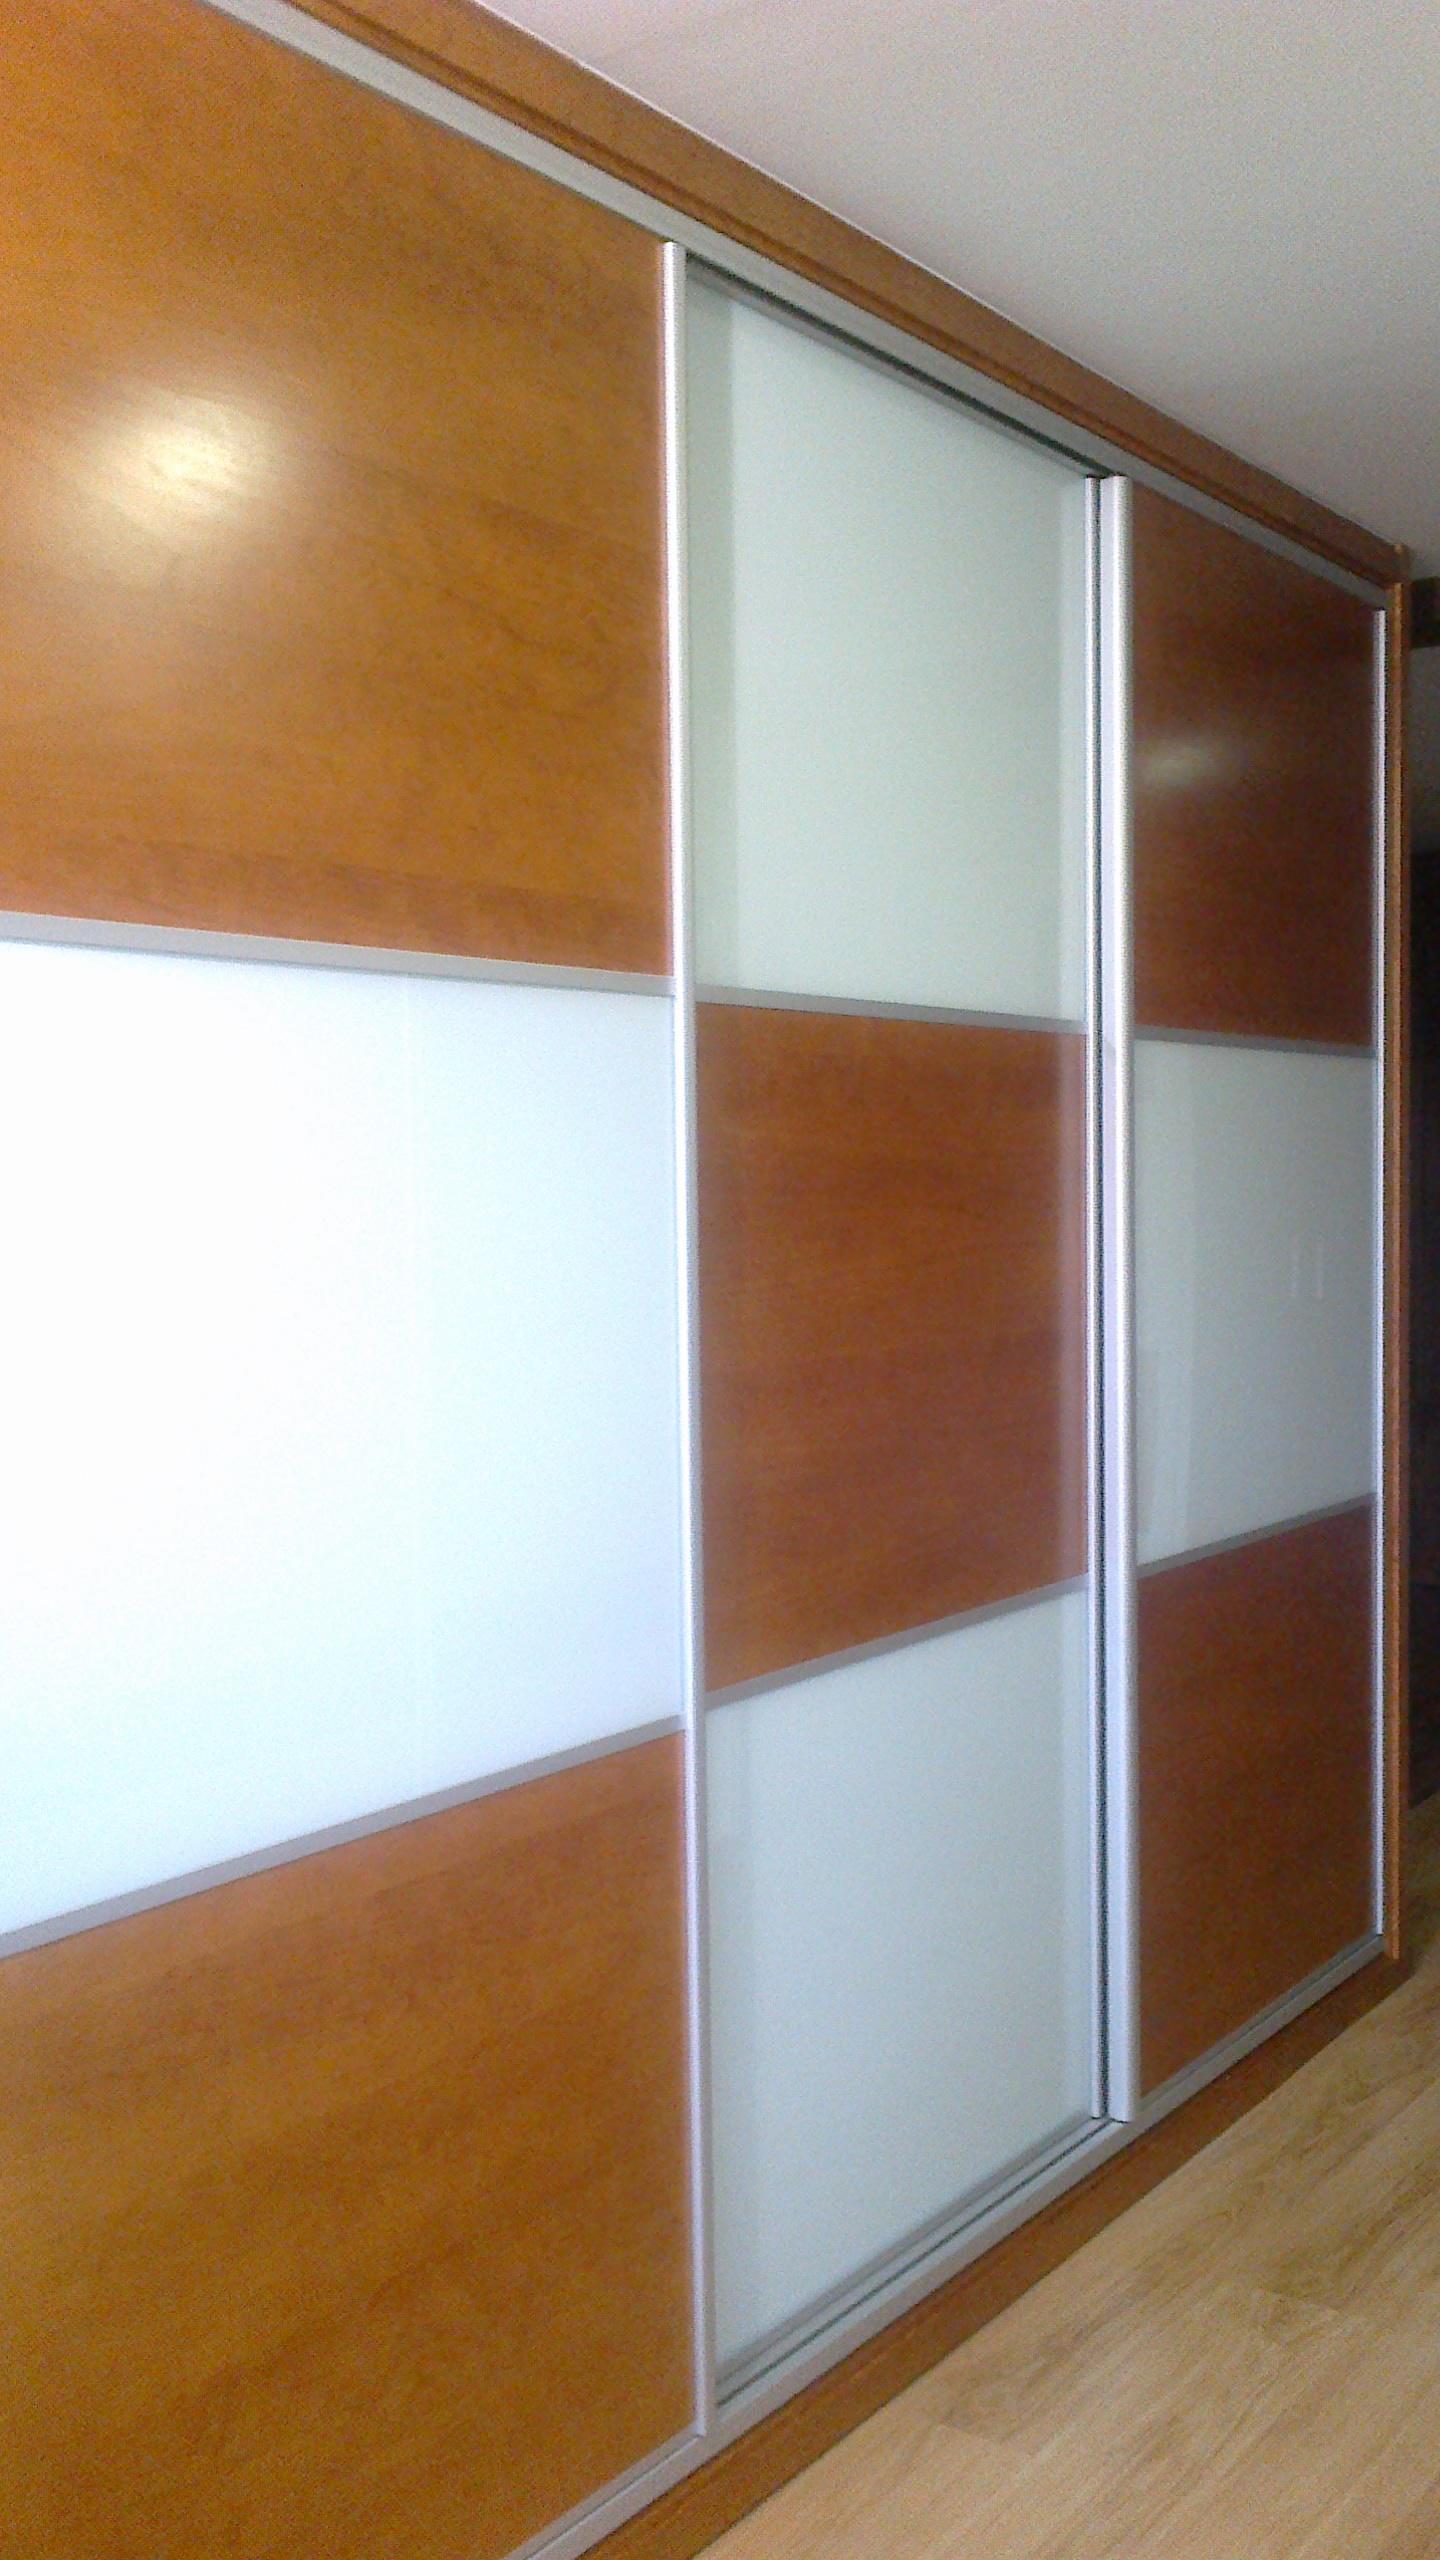 Armario empotrado puertas correderas combinado madera y - Interiores armarios empotrados puertas correderas ...